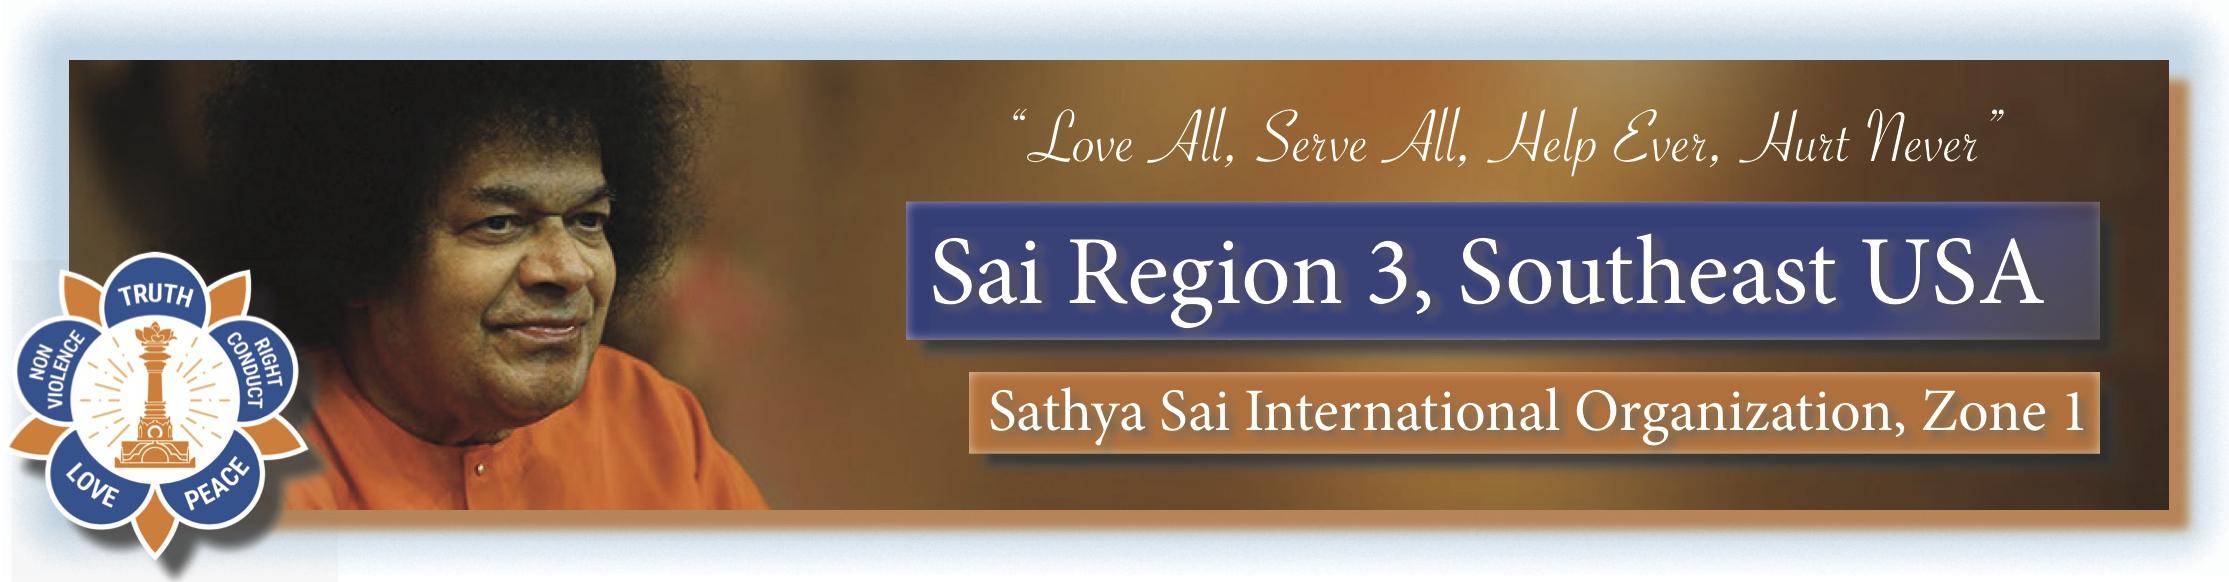 Bradenton / Sarasota Sai Group » Sai Region 3, USA, SSIO Zone 1